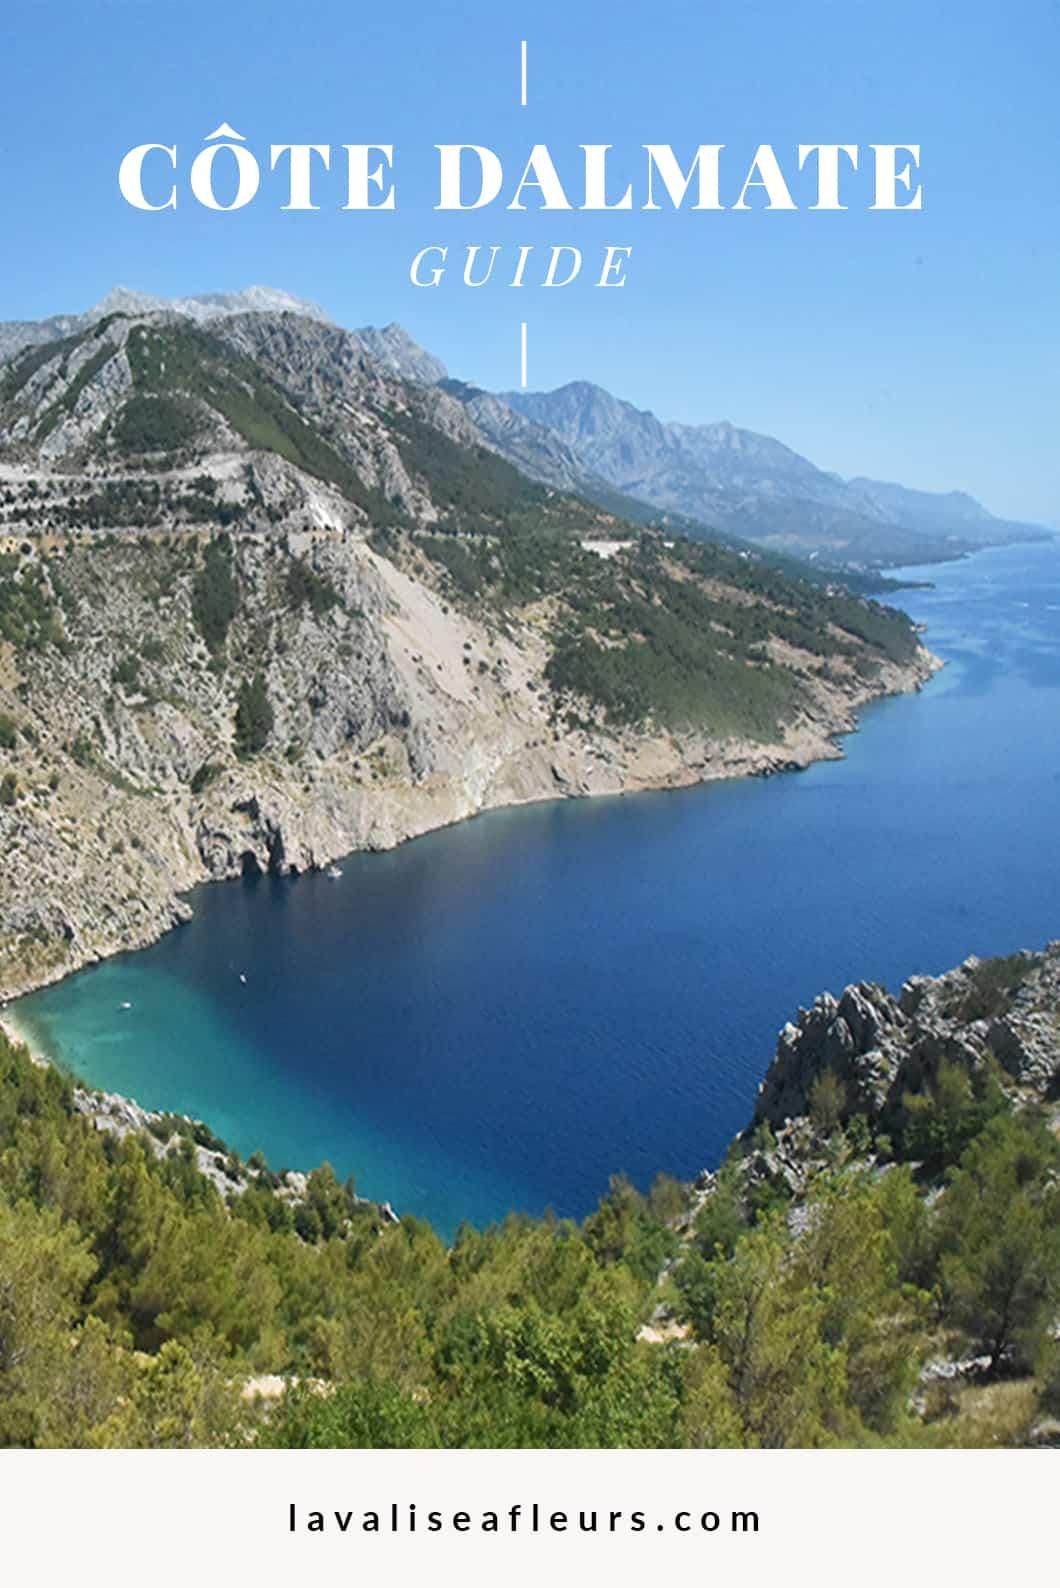 Que visiter en Croatie ? La Côte Dalmate